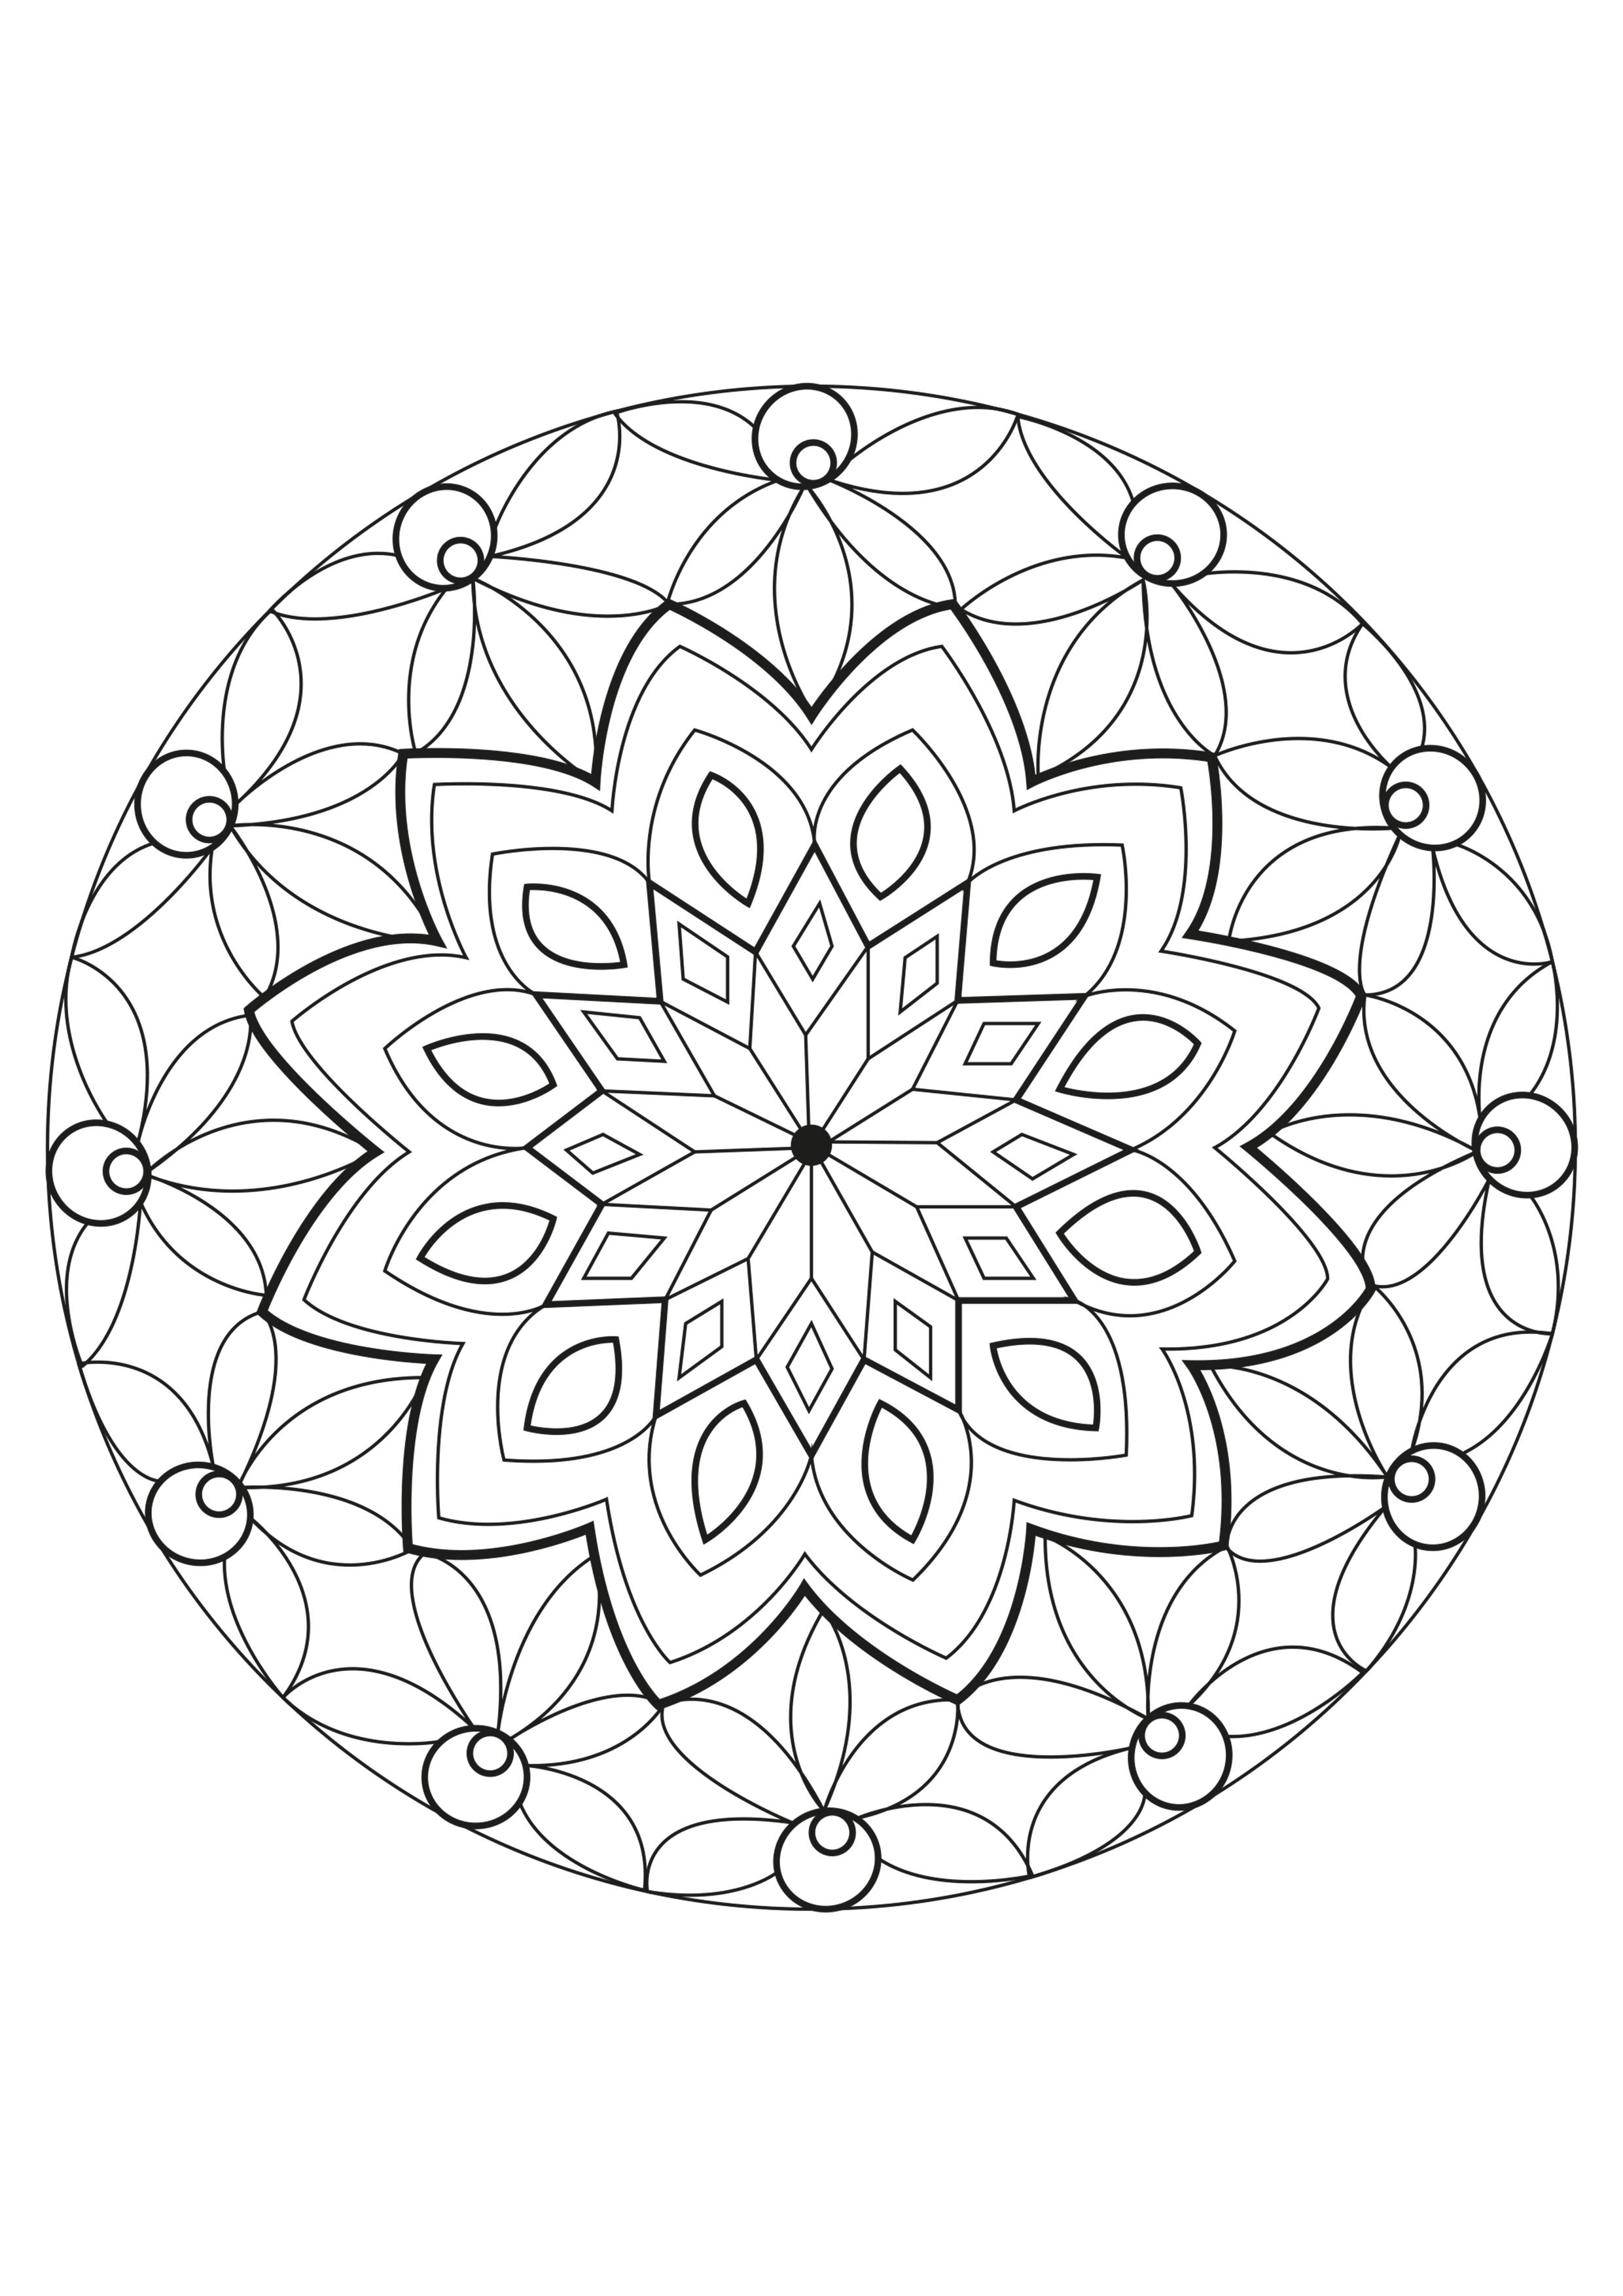 Mandala Celine - Mandalas - Coloriages Difficiles Pour Adultes tout Coloriage Adulte Mandala